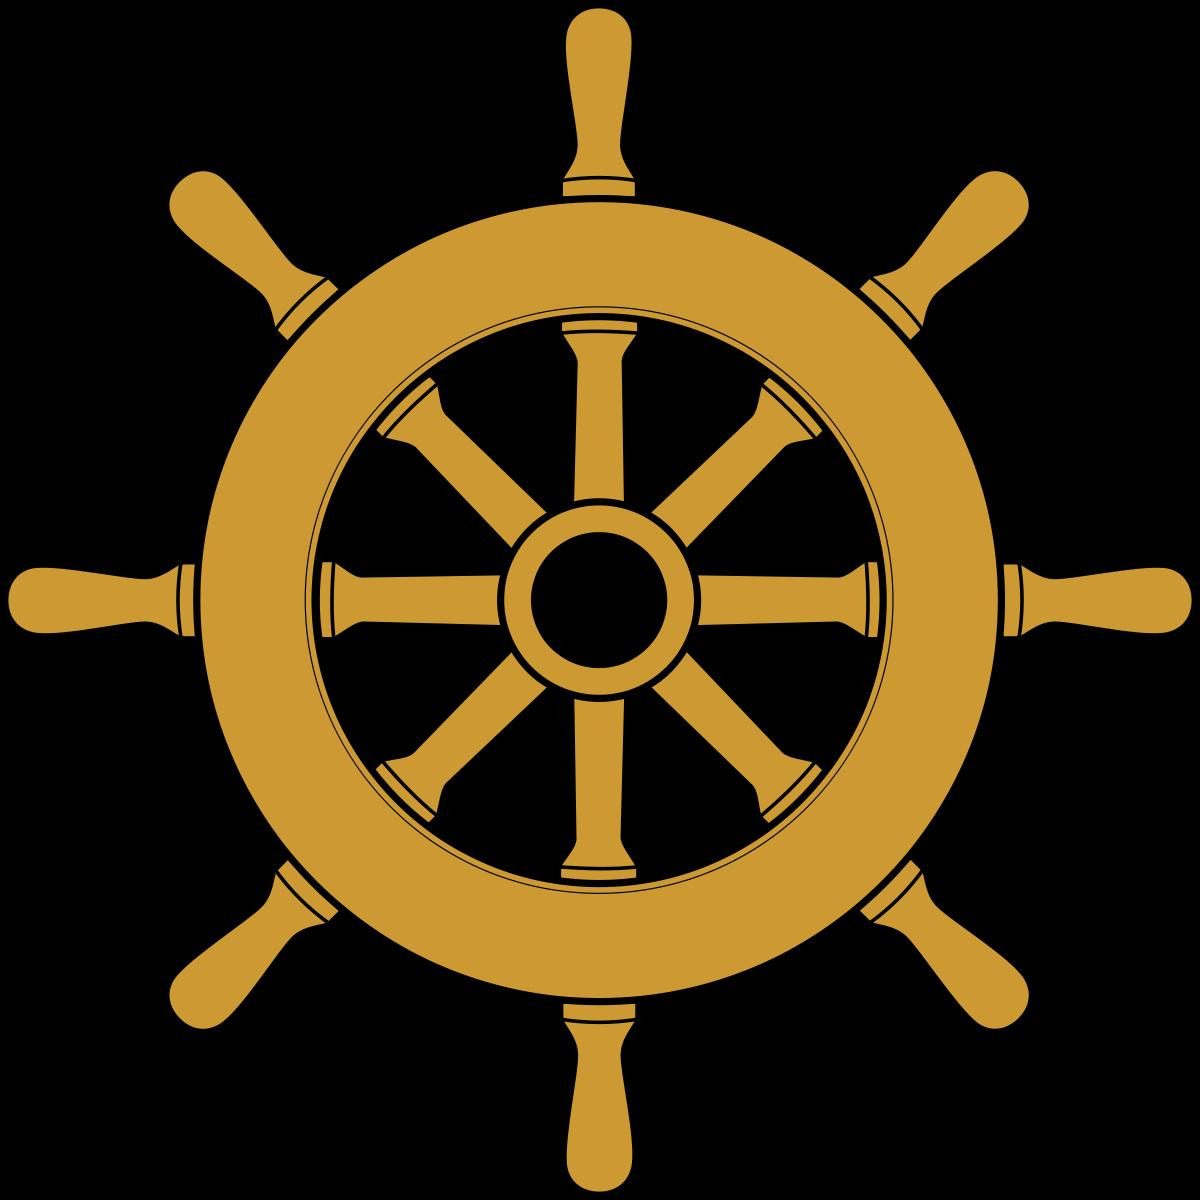 Timon de barco png » PNG Image.